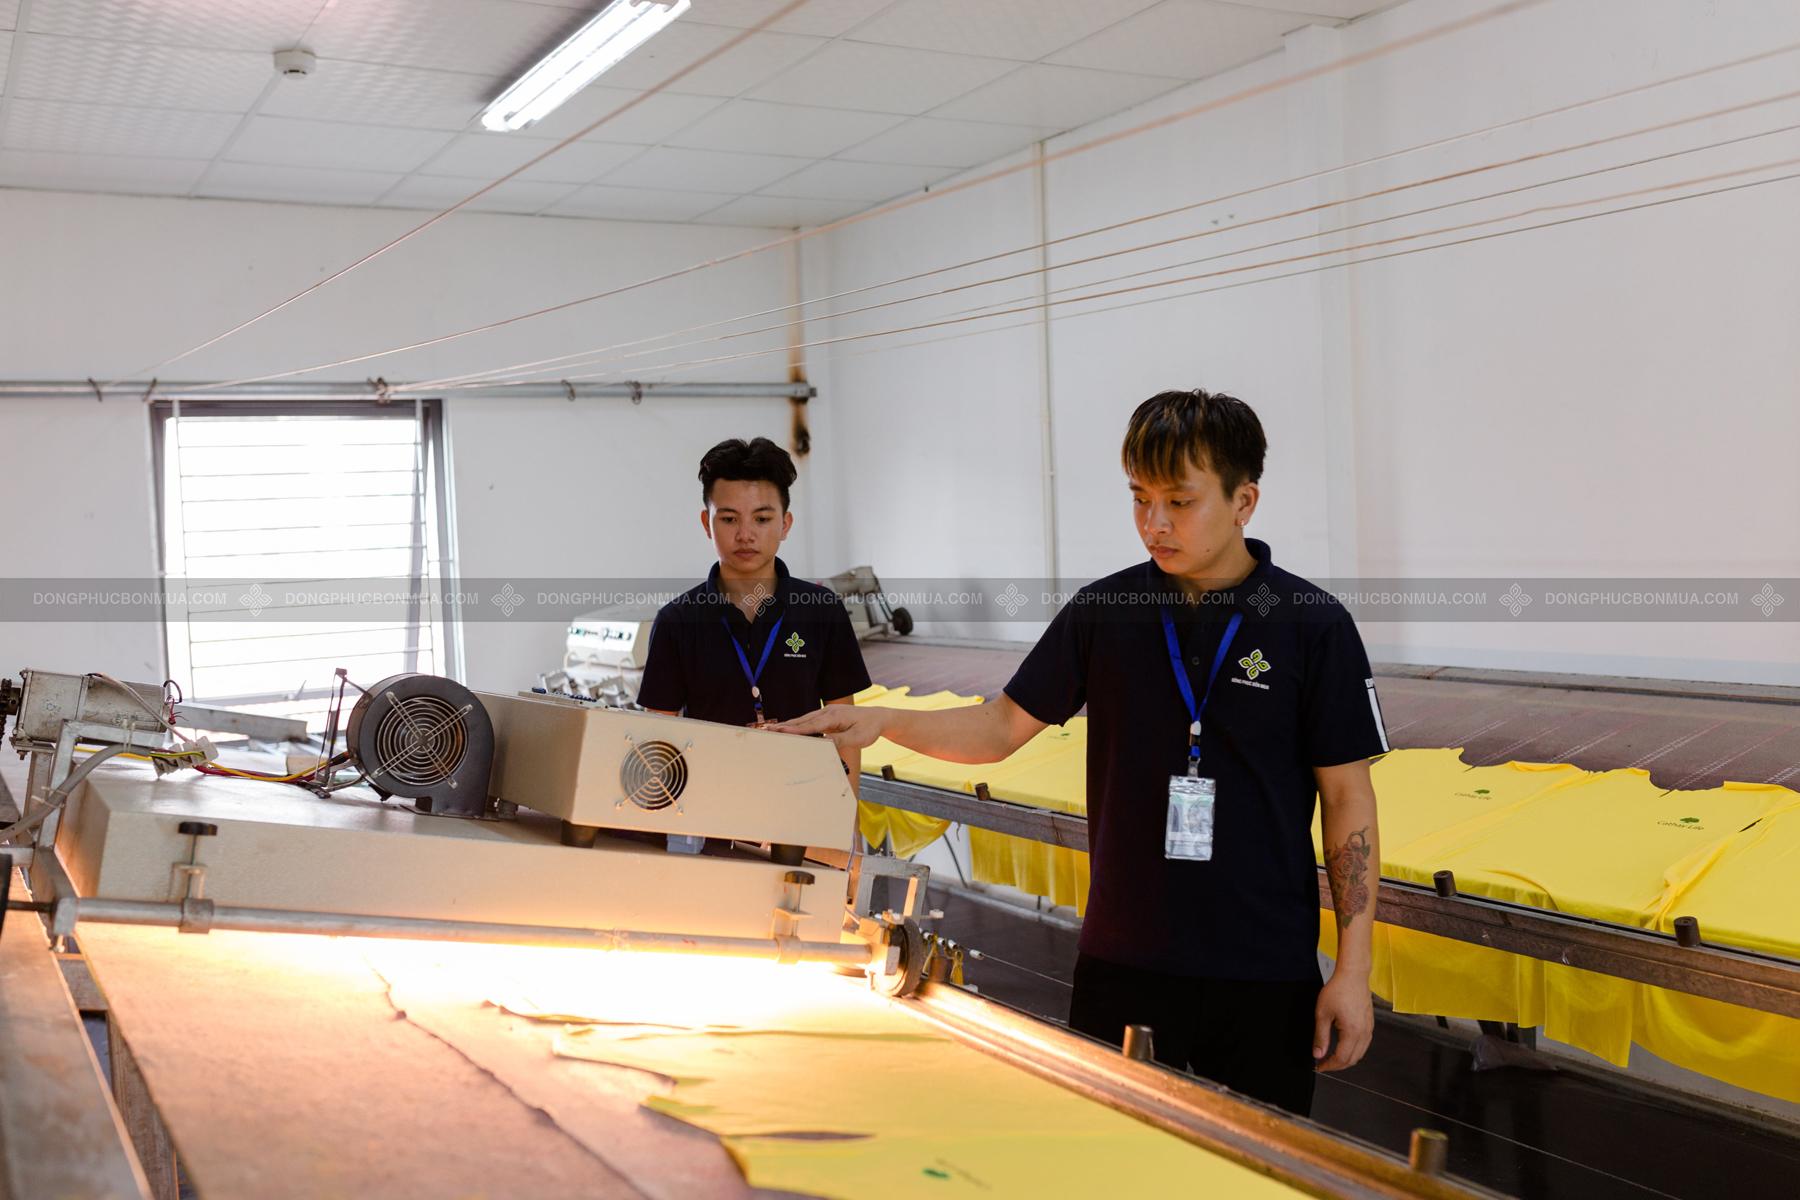 Hệ thống máy móc nhà xưởng hiện đại làm nên xưởng in áo chuyên nghiệp